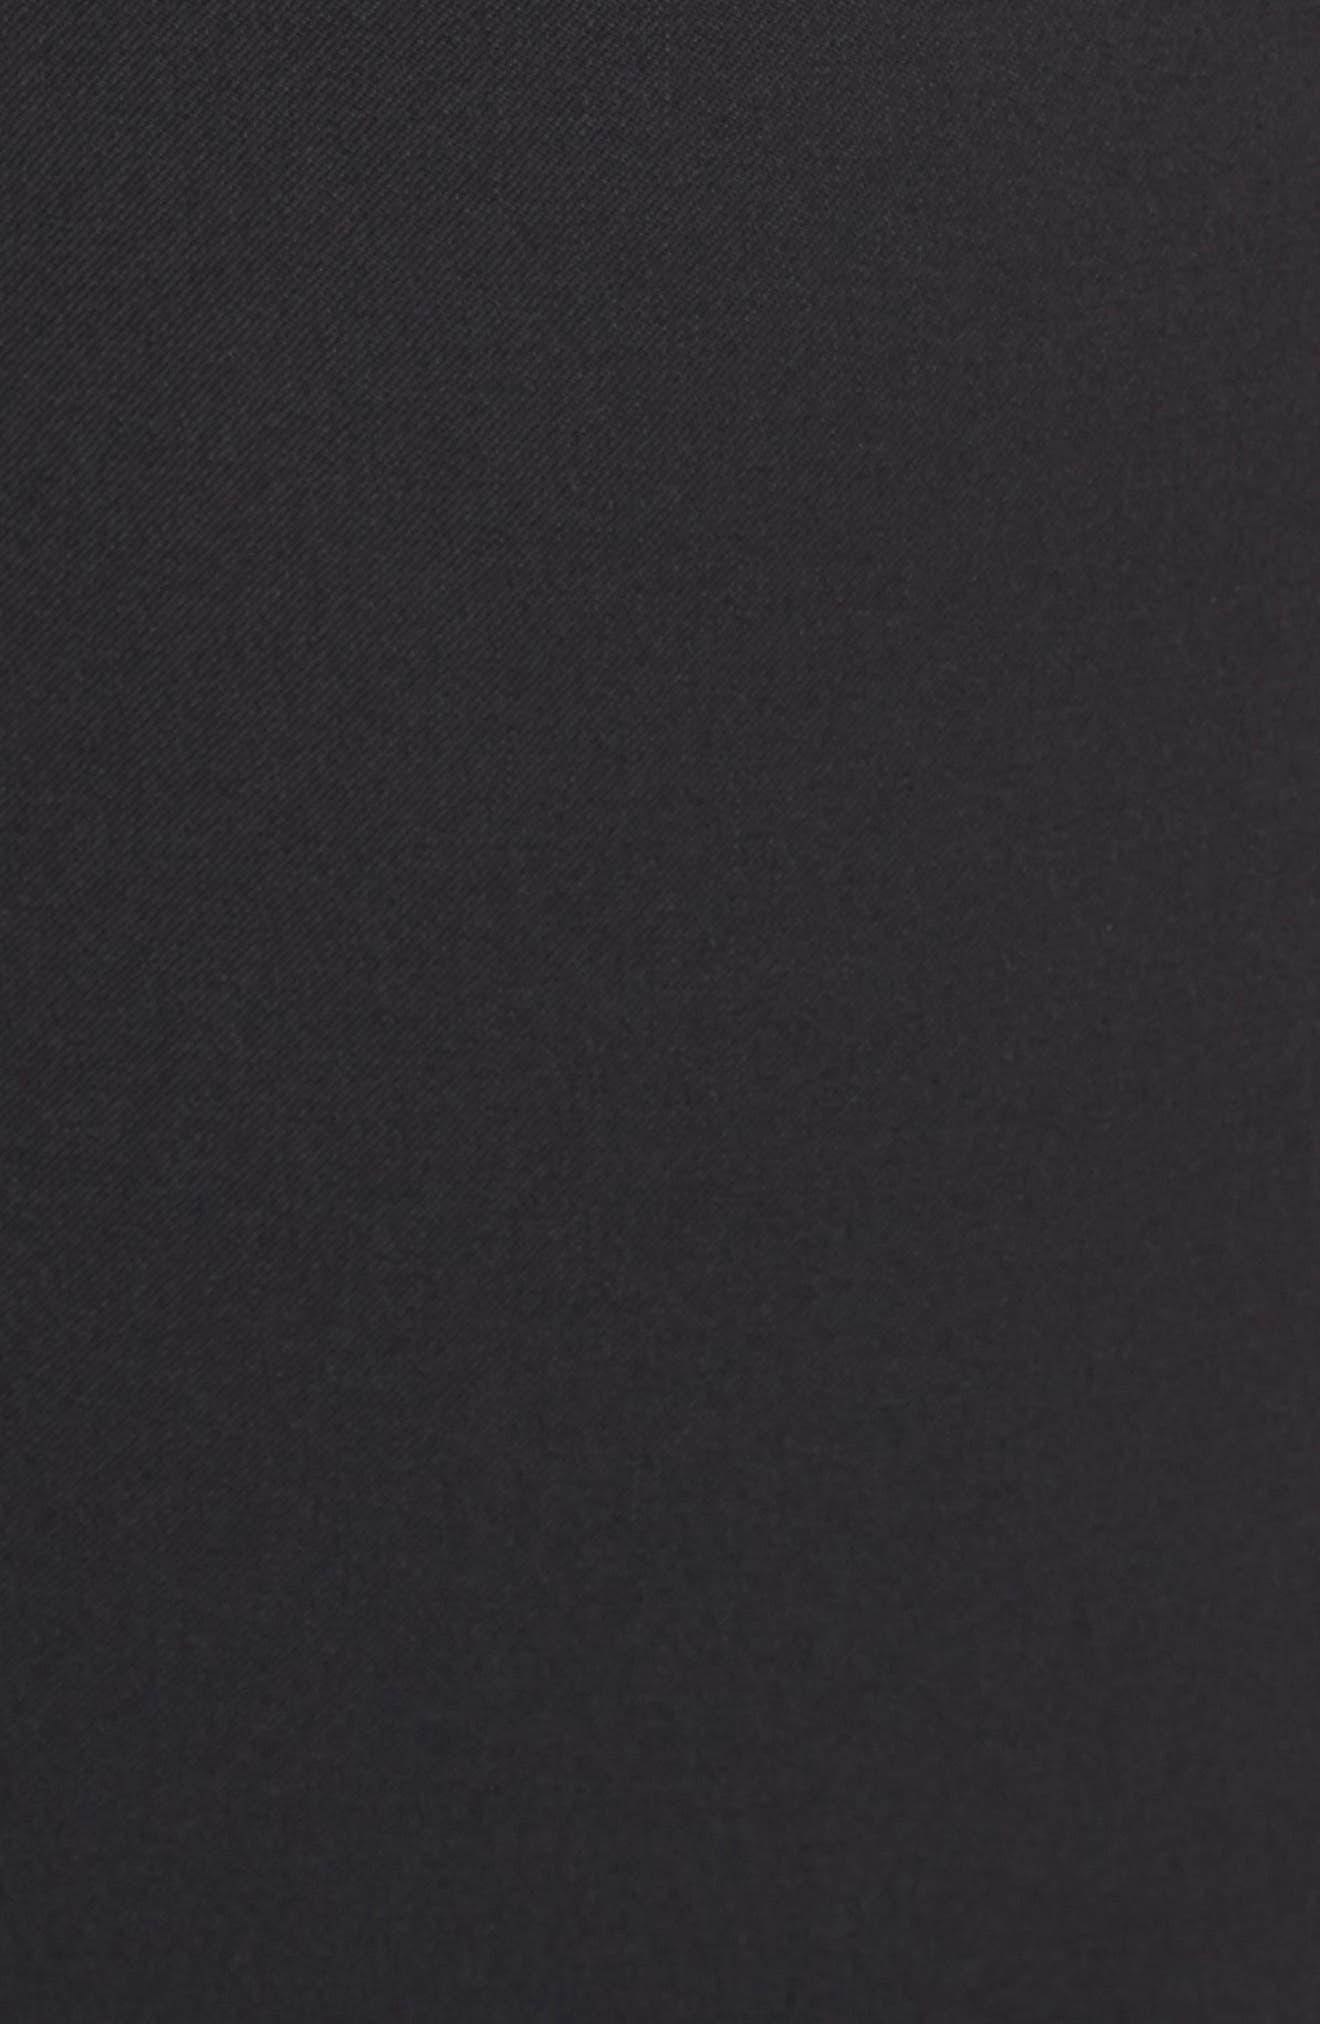 Tuxedo Detail Suit Trousers,                             Alternate thumbnail 5, color,                             001